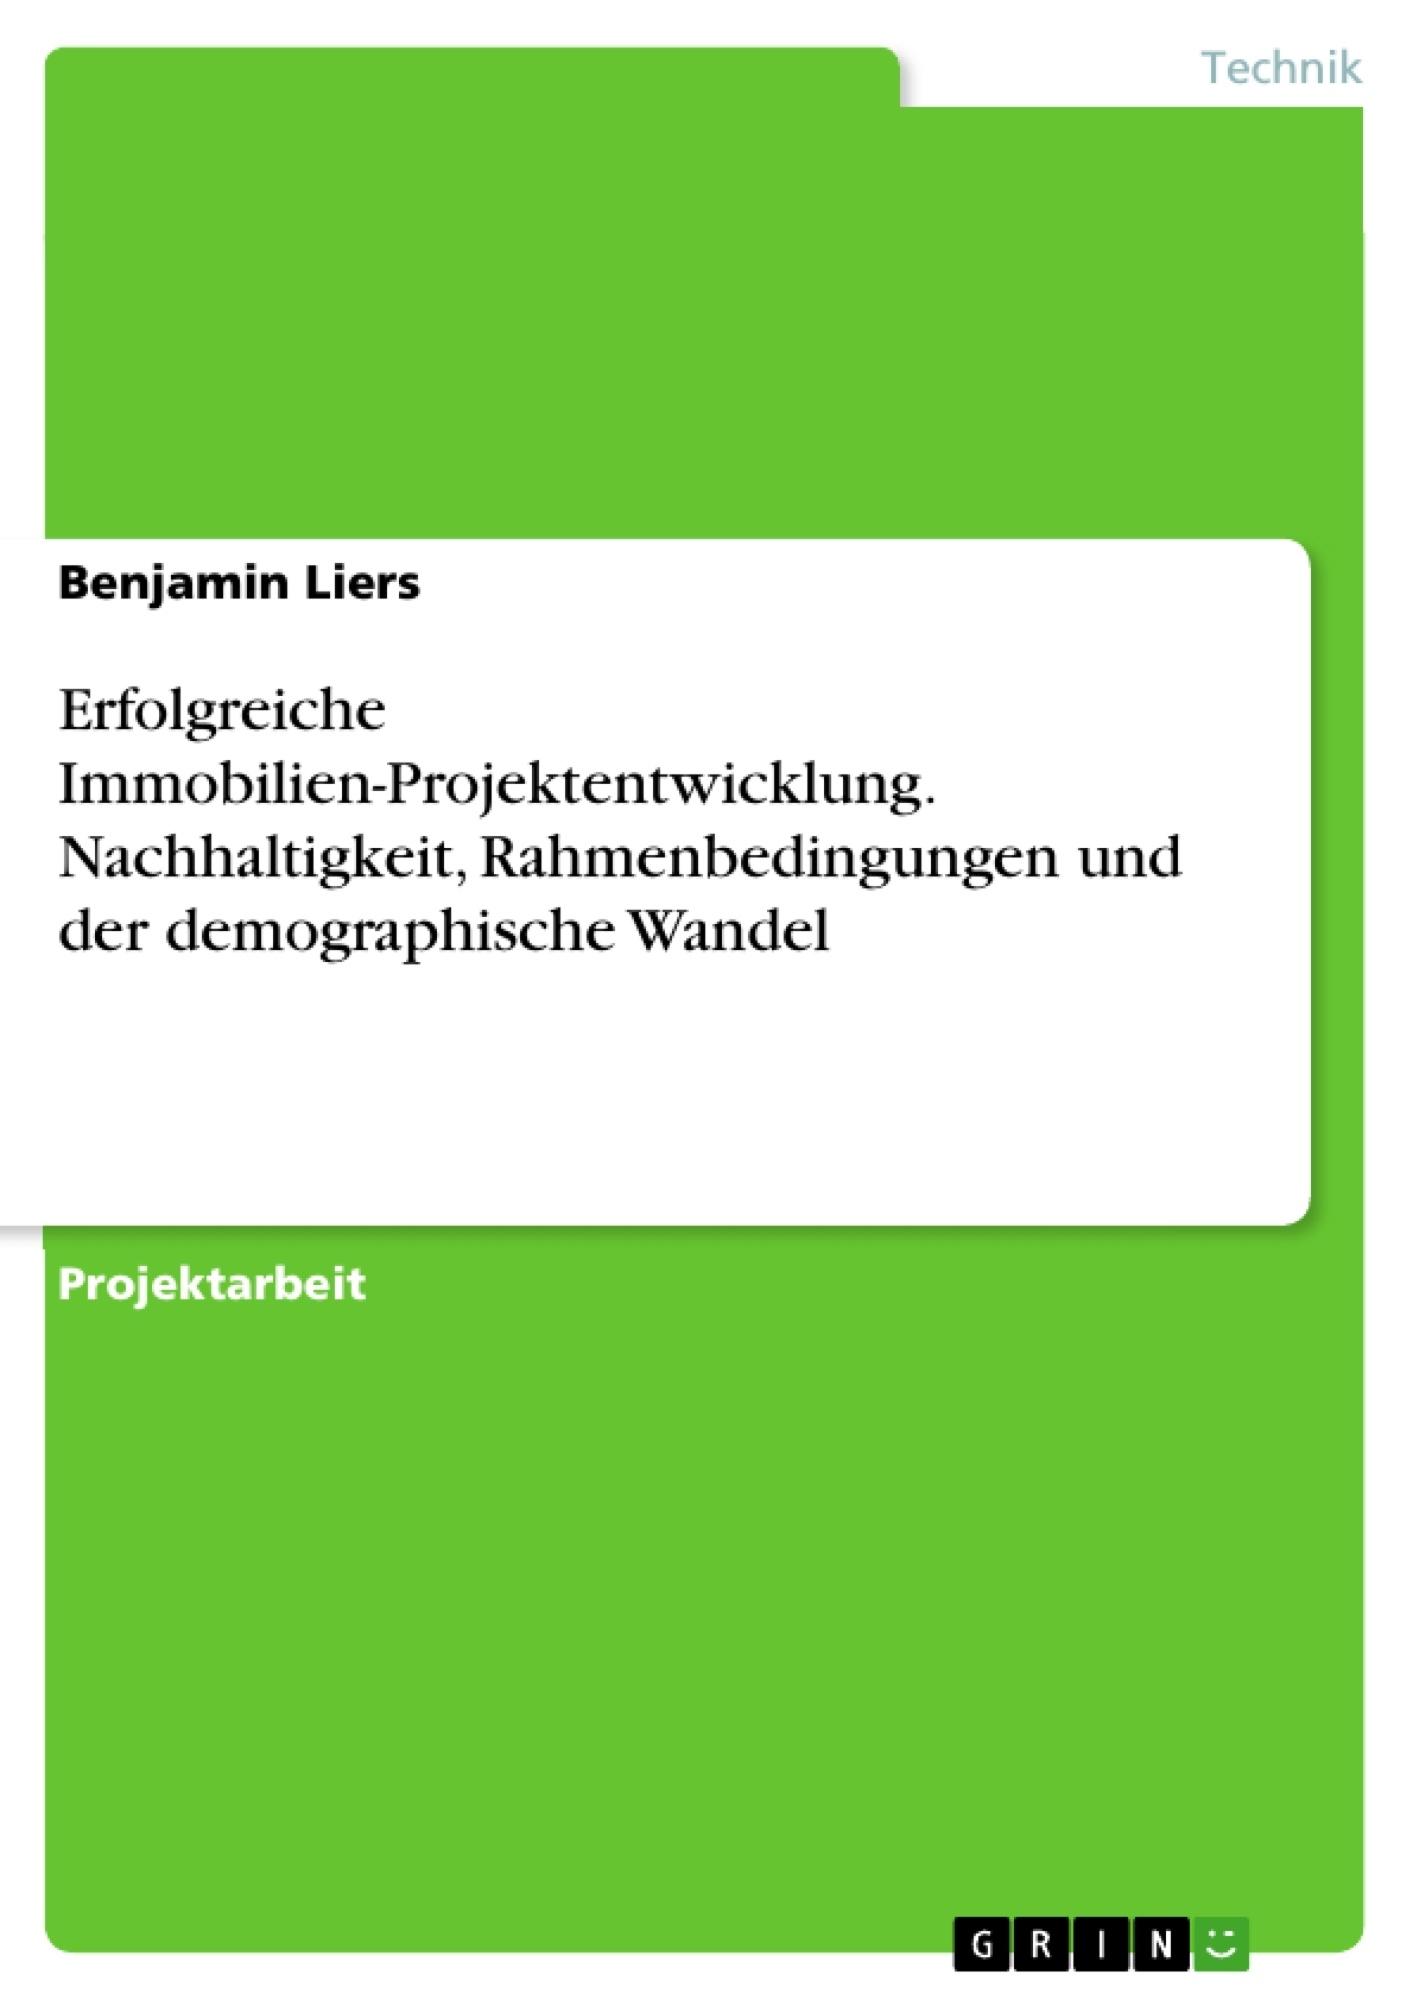 Titel: Erfolgreiche Immobilien-Projektentwicklung. Nachhaltigkeit, Rahmenbedingungen und der demographische Wandel